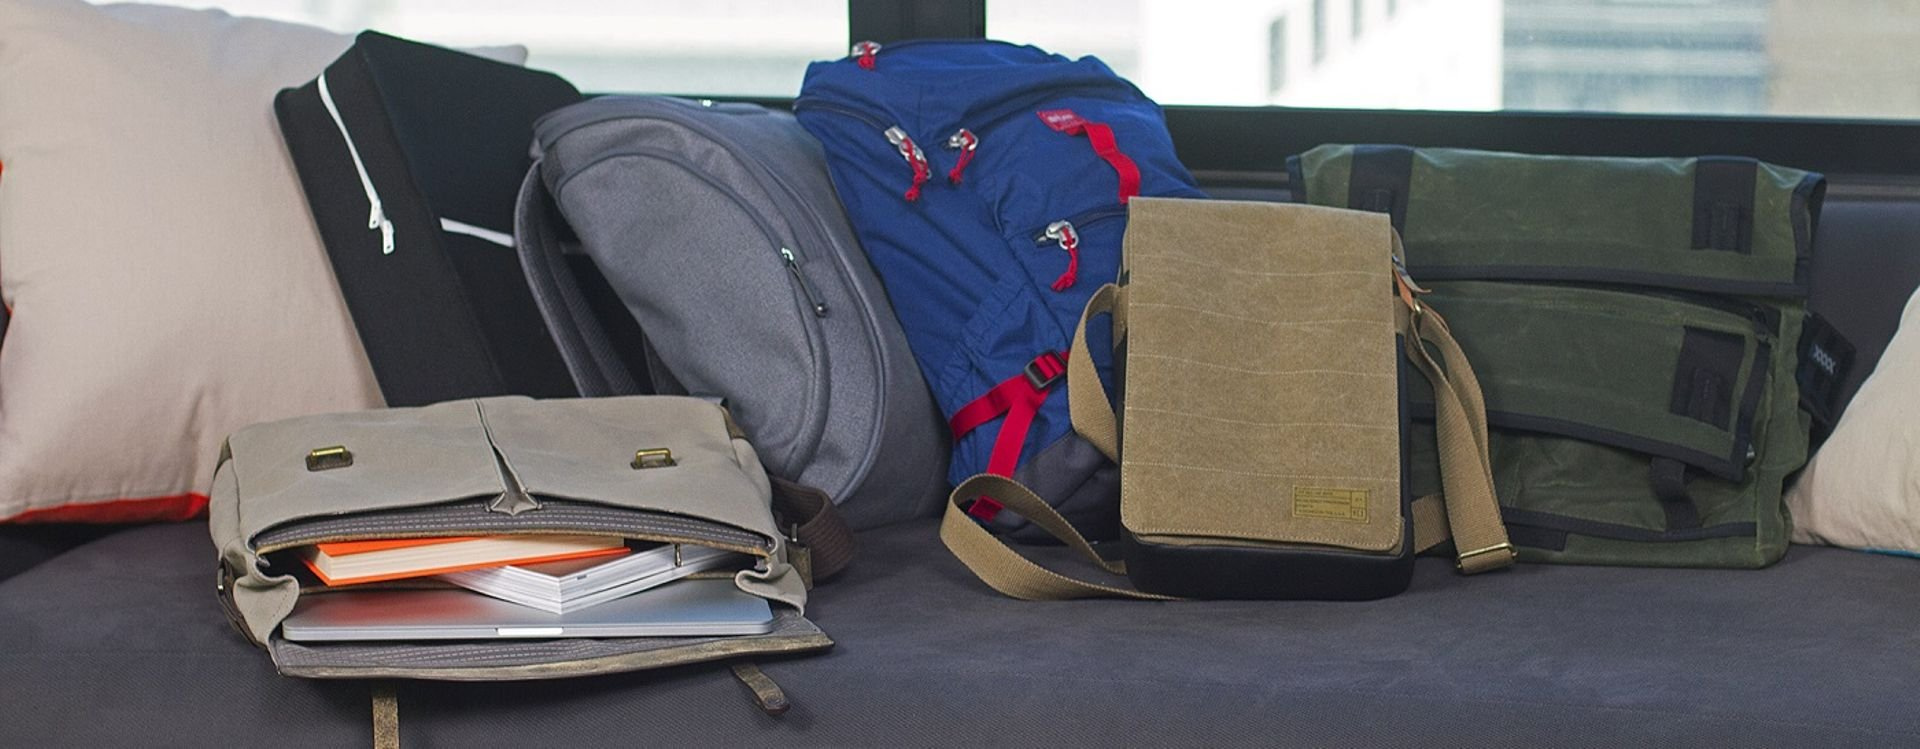 a783cfd63c4fa تقسم حقائب اللابتوب من حيث المادة المصنوعة منها الحقيبة إلى حقائب الجلد  الطبيعي، الجلد الصناعي